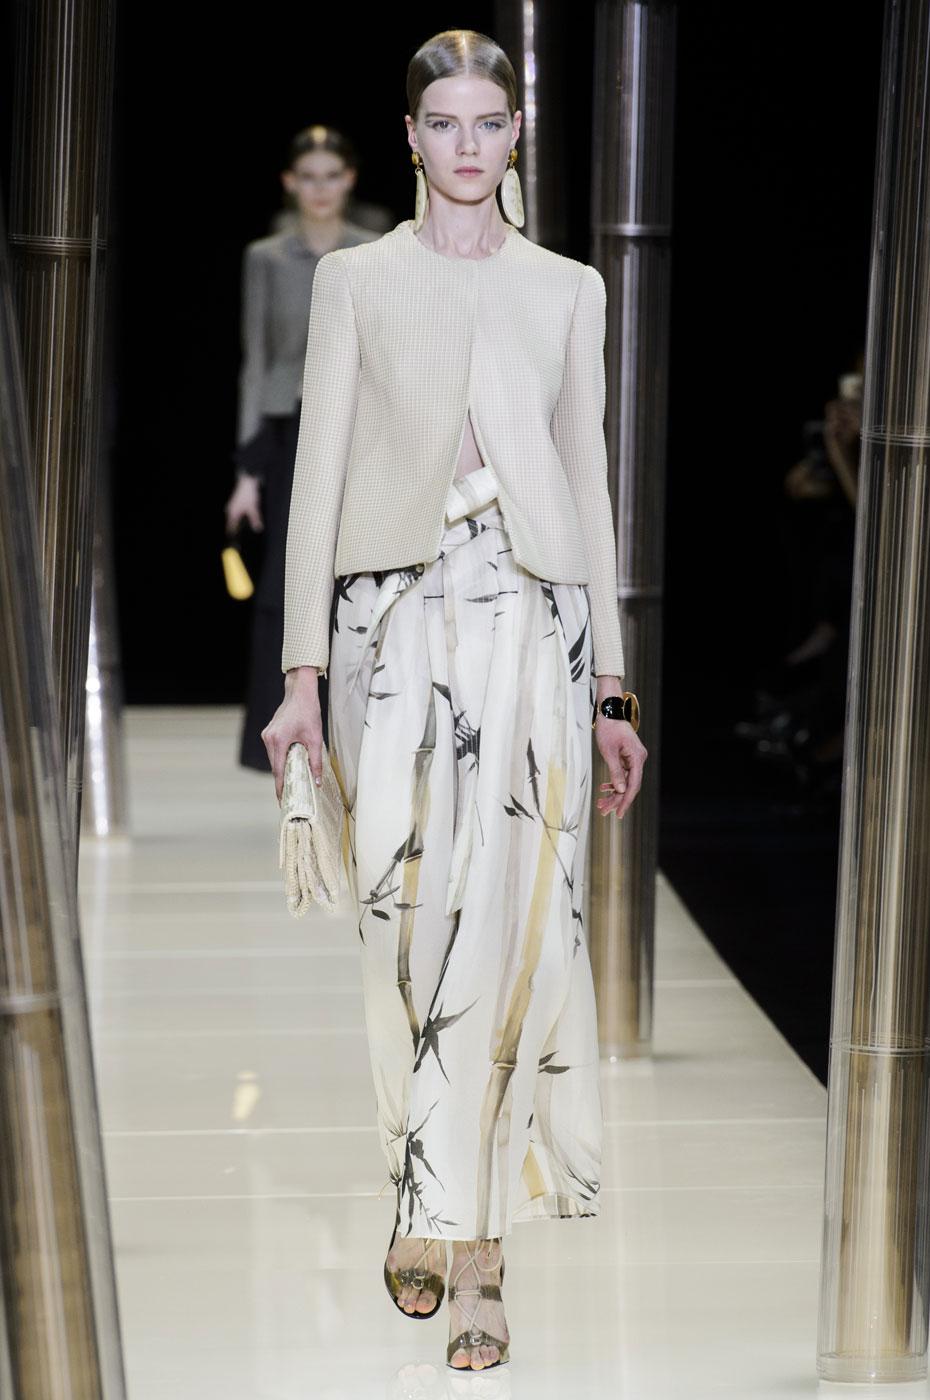 Giorgio-armani-Prive-fashion-runway-show-haute-couture-paris-spring-2015-the-impression-013